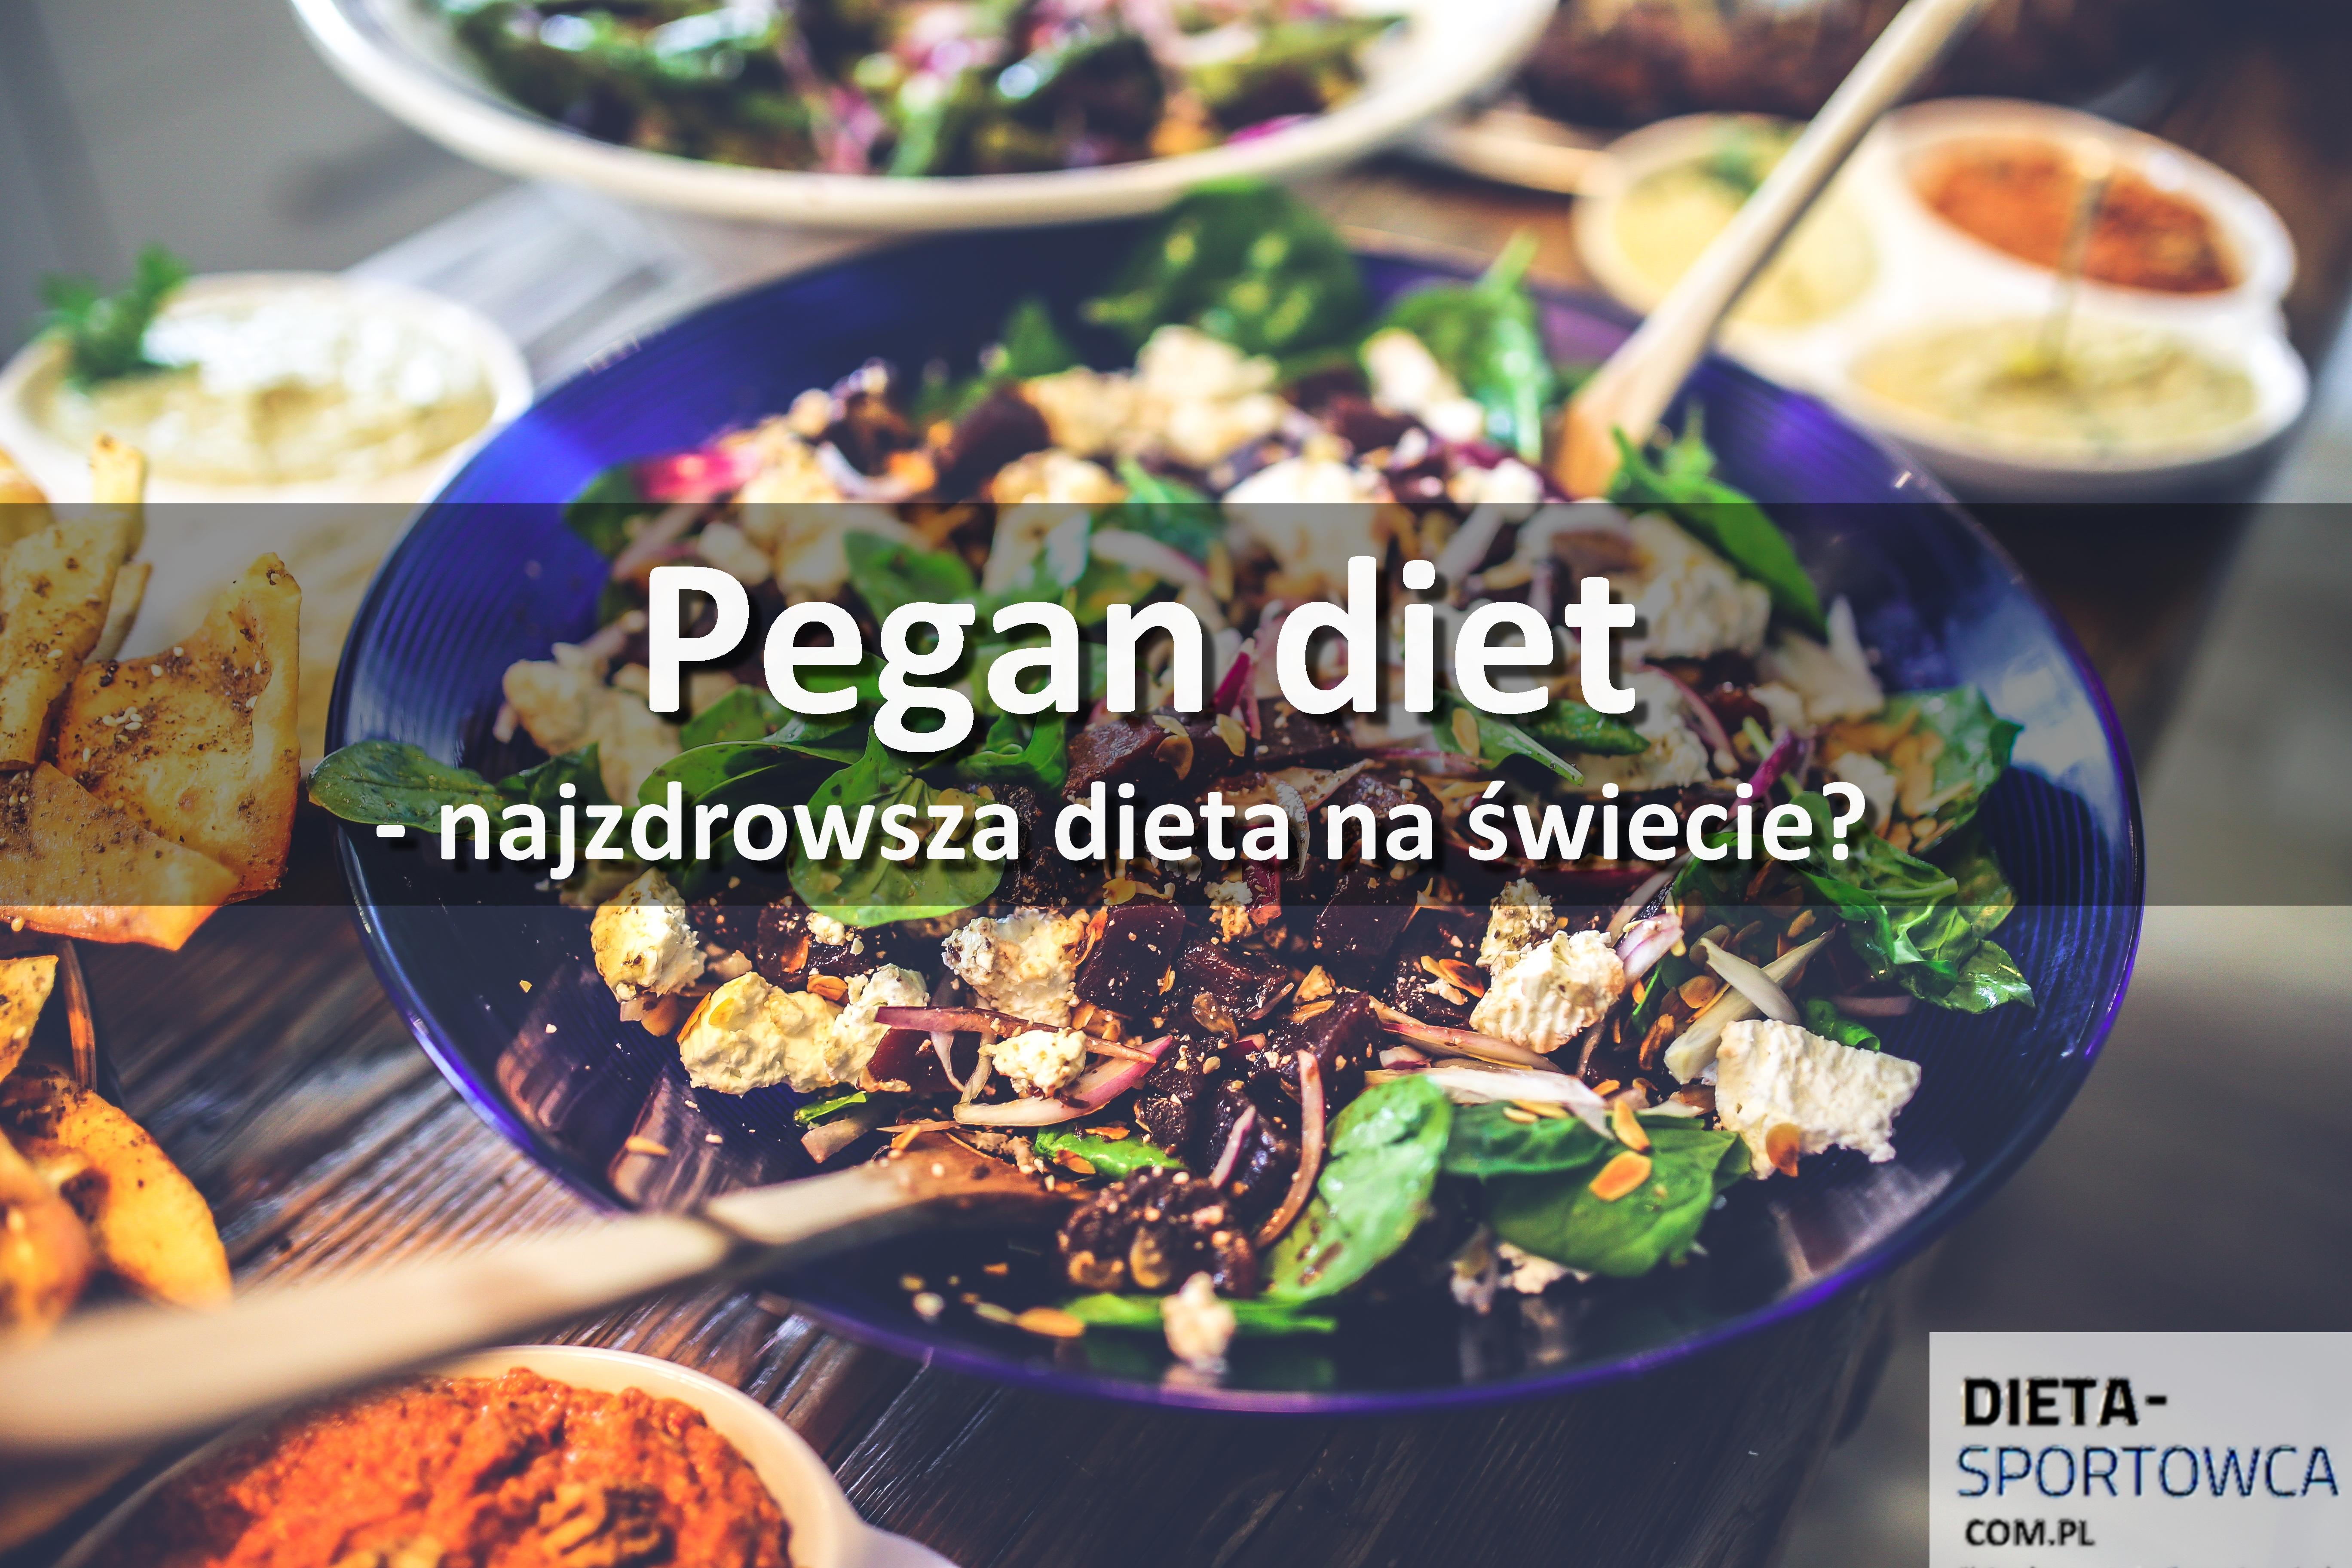 Pegan diet – najzdrowsza dieta na świecie?